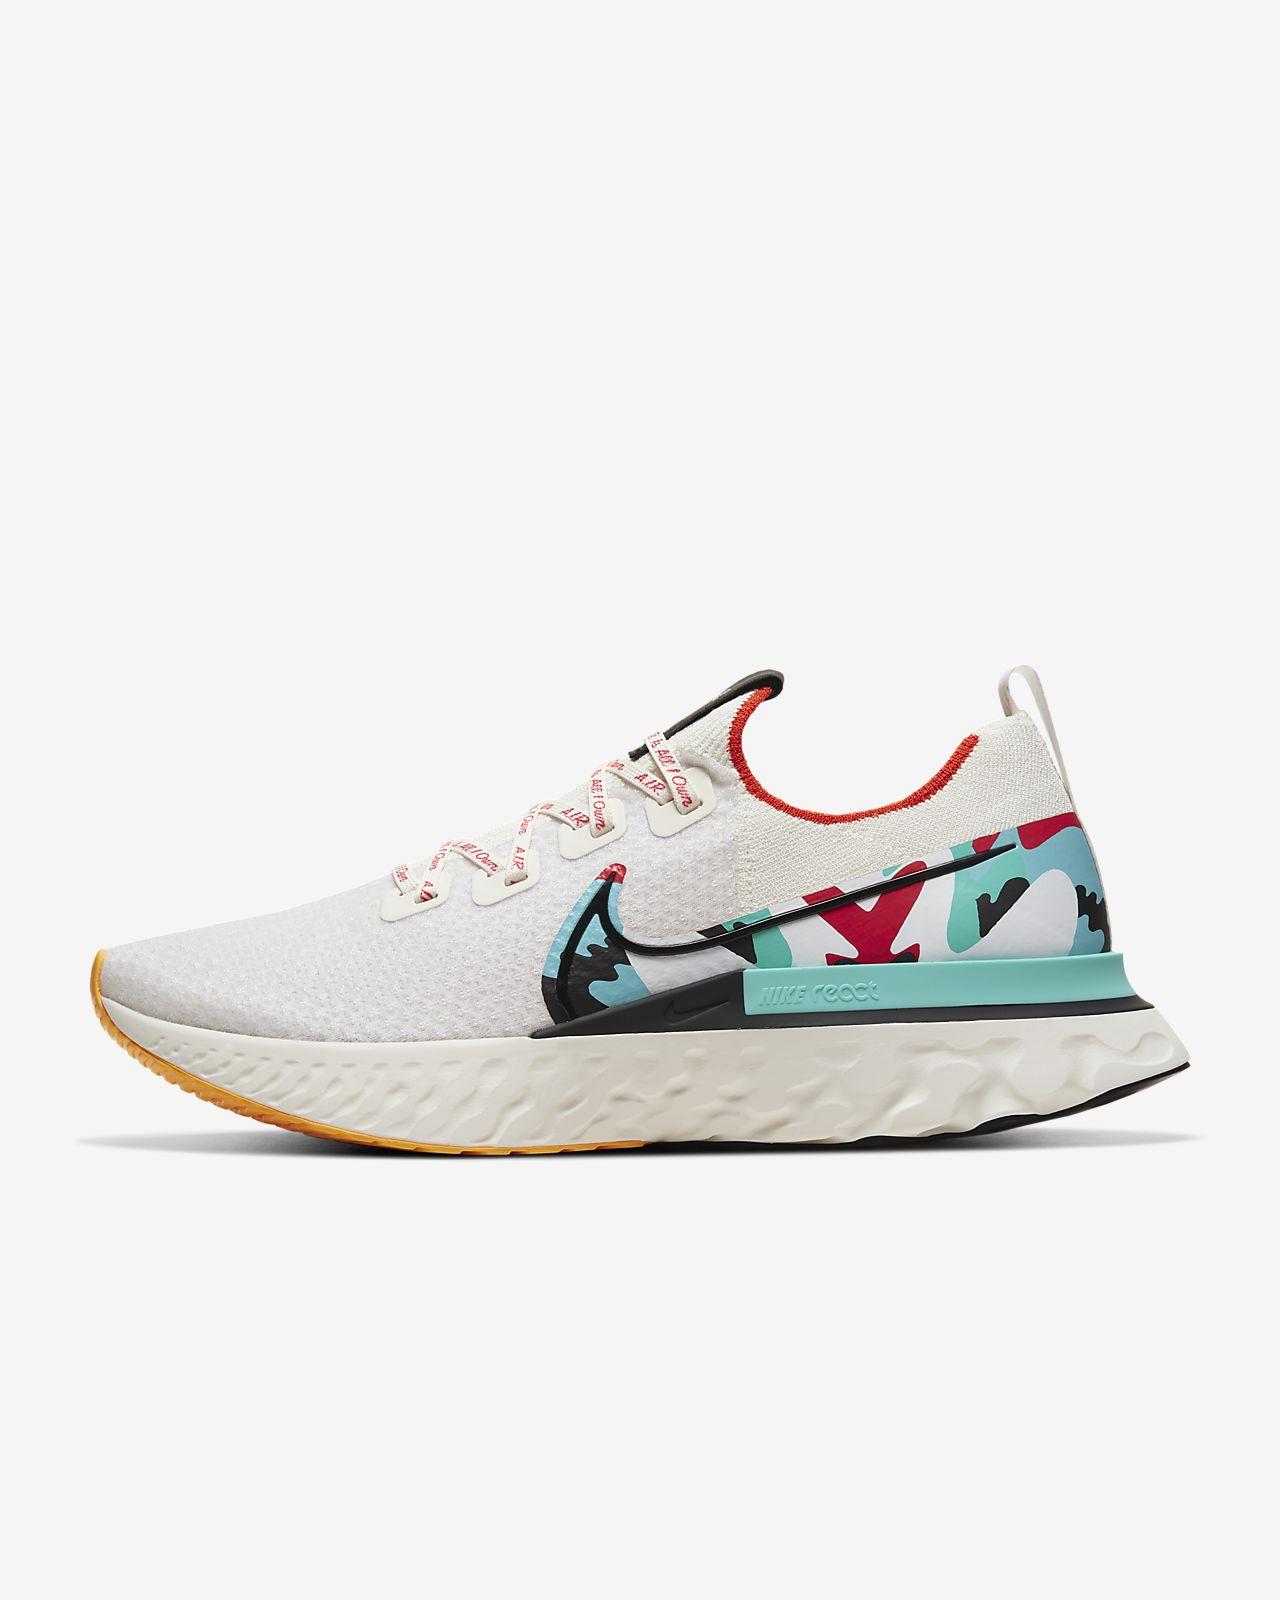 Nike React Infinity Run Flyknit A.I.R. Calzado de running para hombre